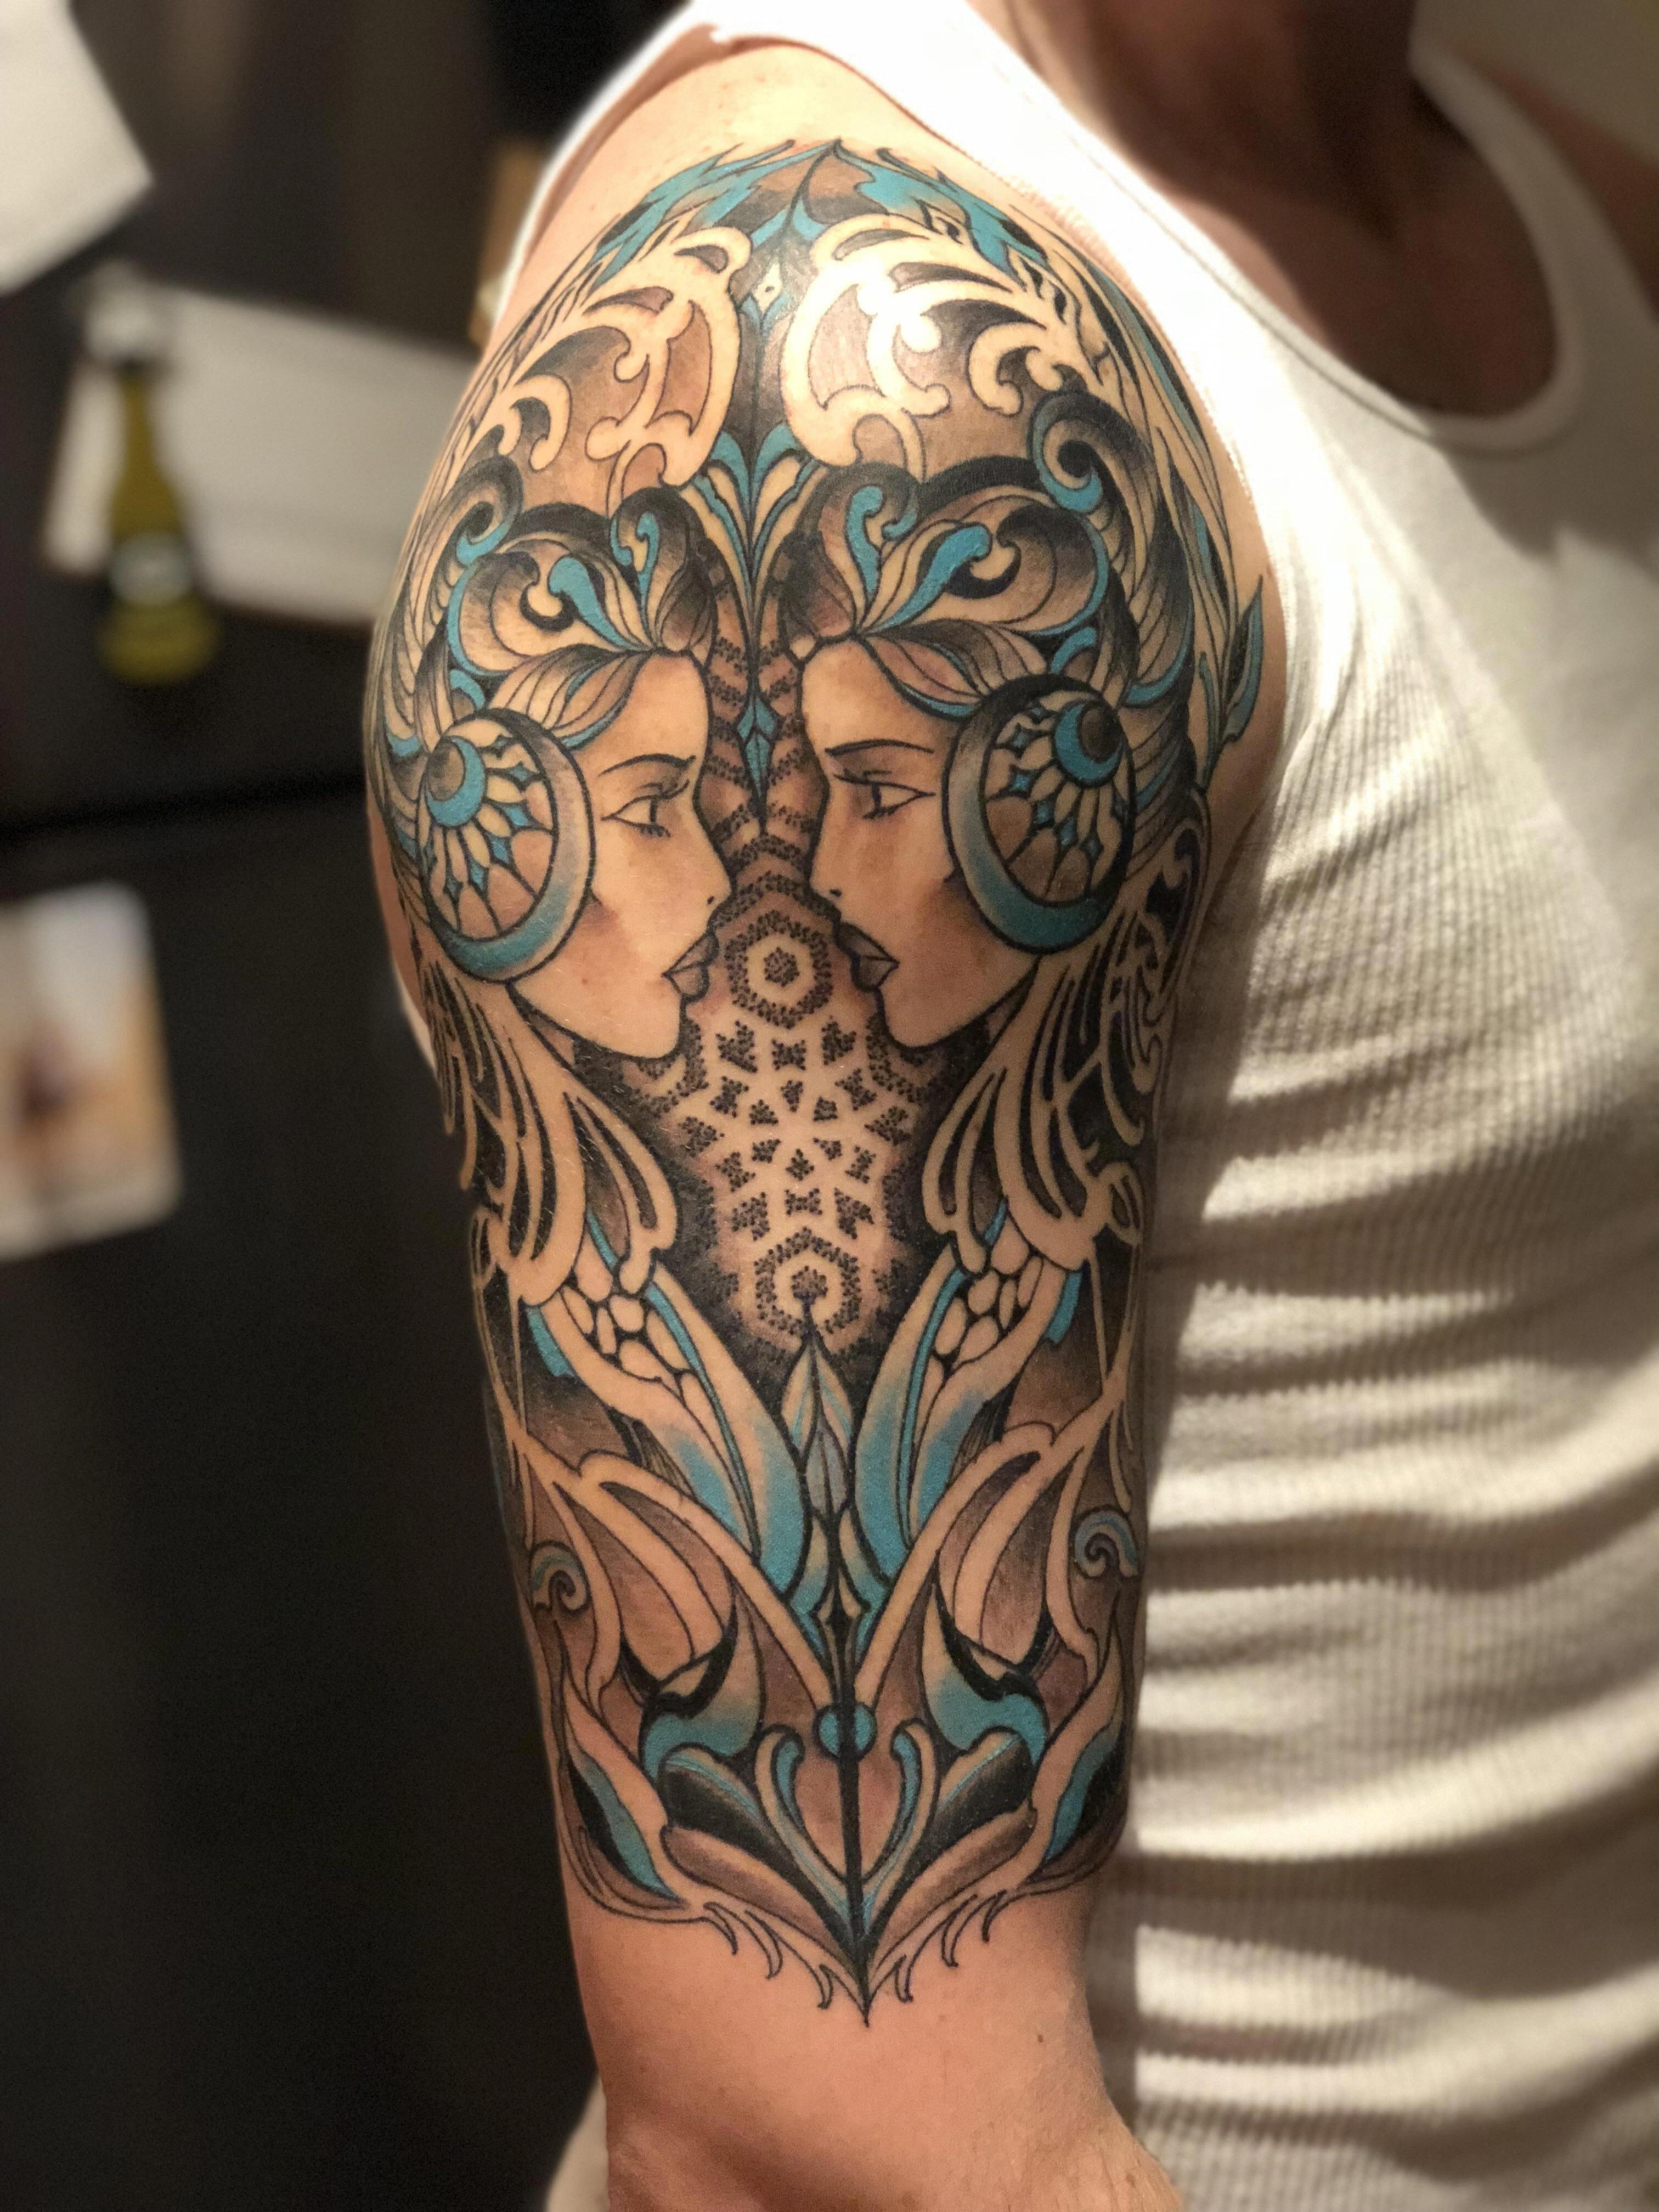 best half sleeve tattoos ever Halfsleevetattoos Gemini